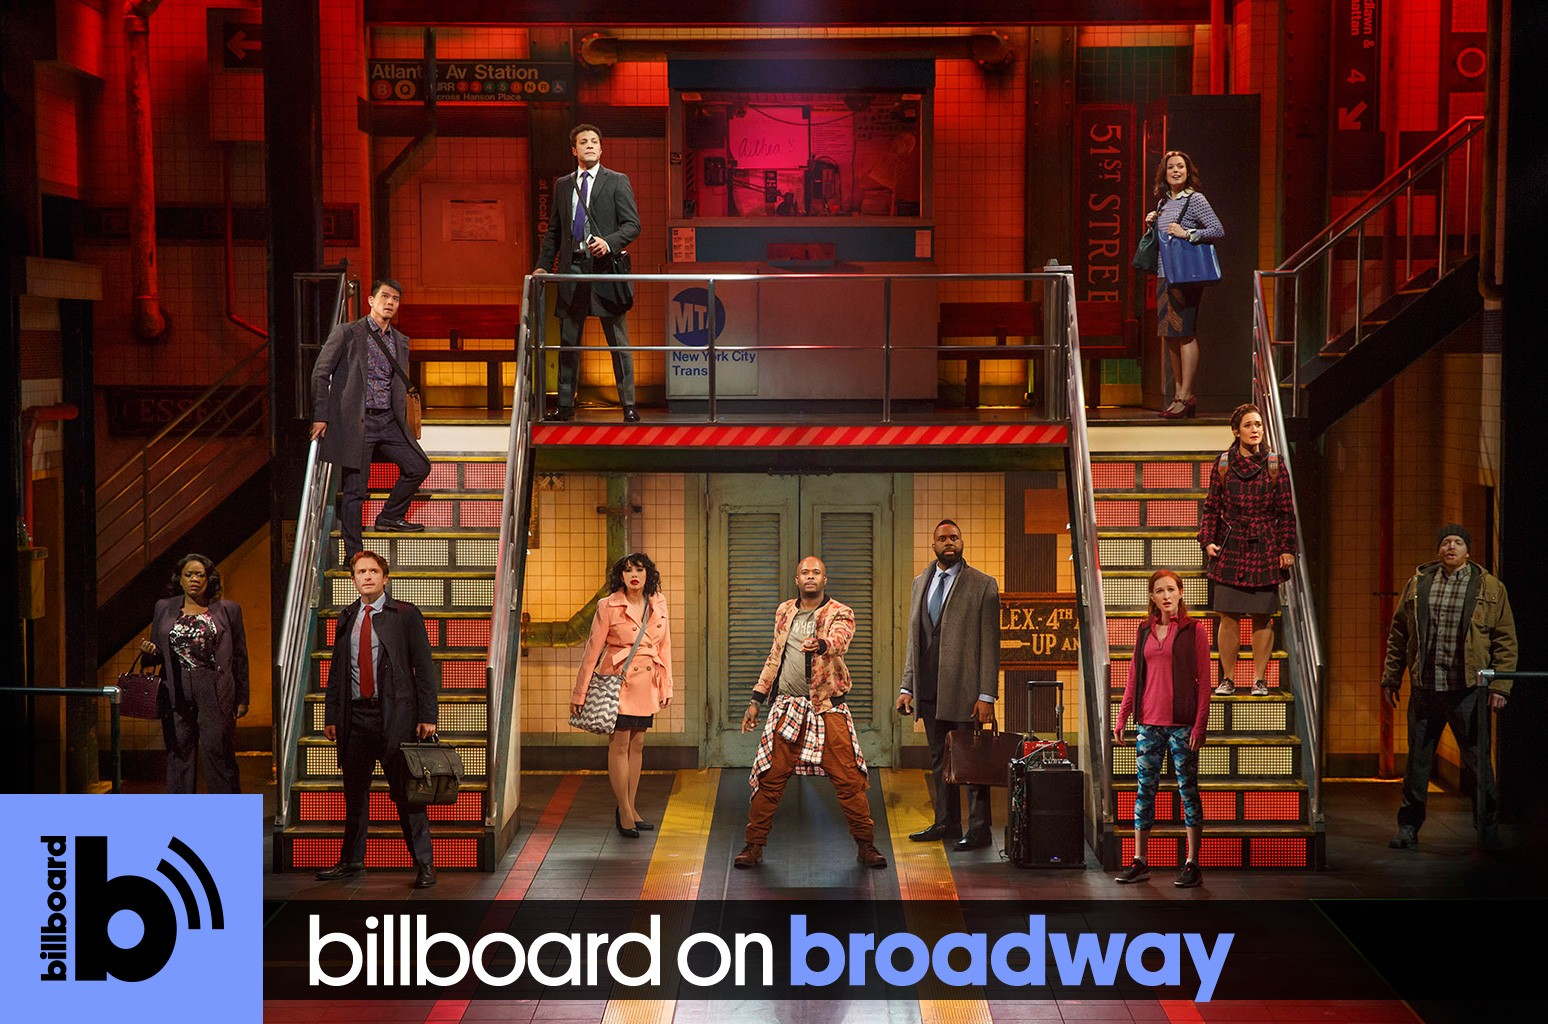 In-Transit Broadway Musical